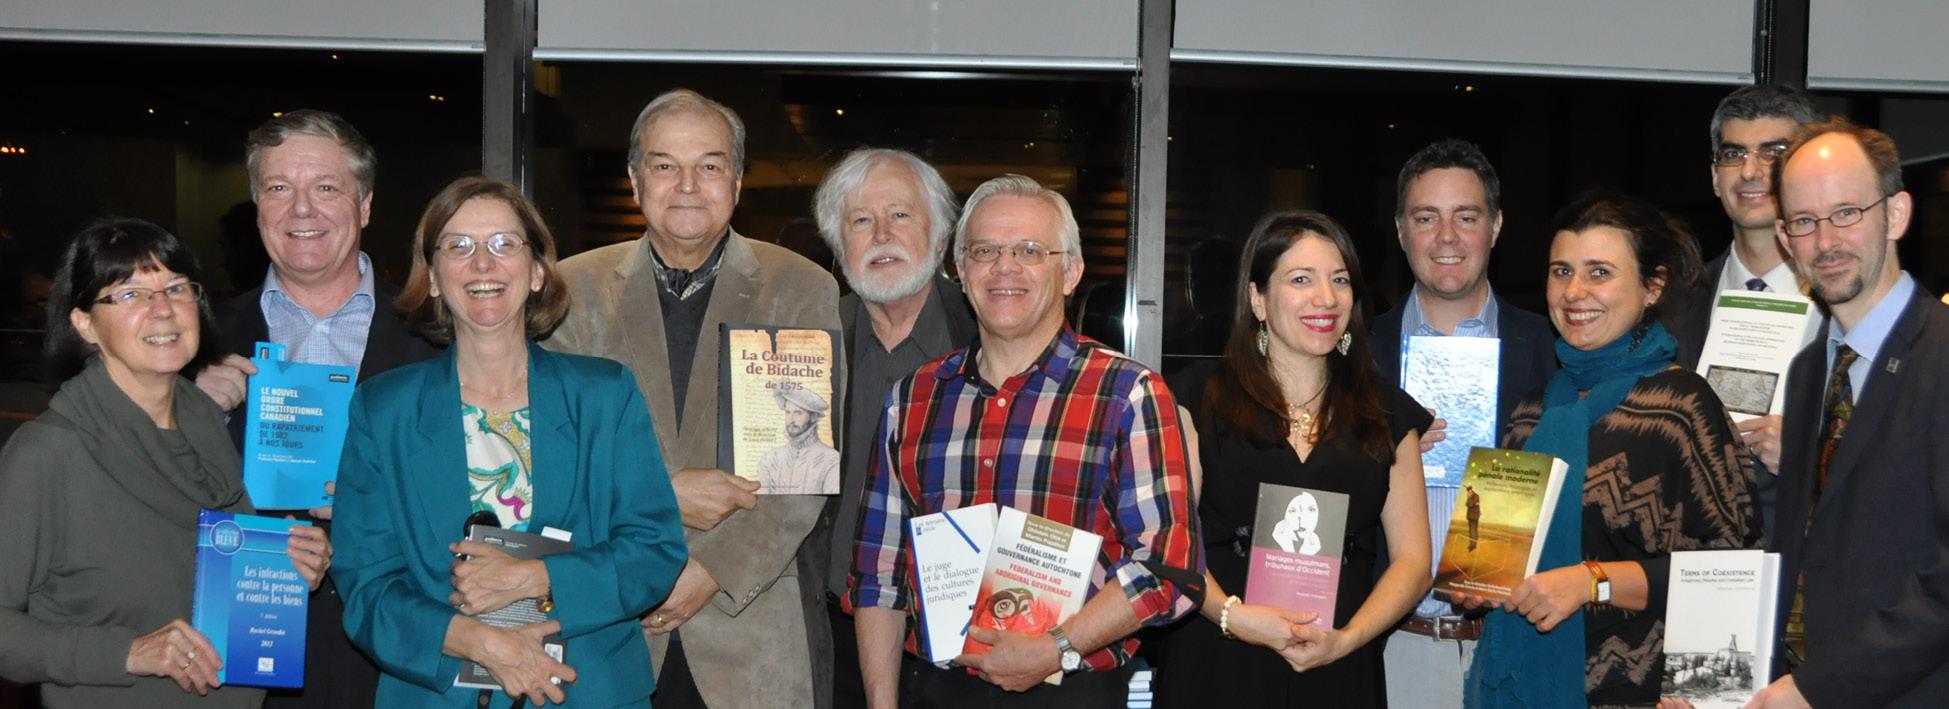 Photo des professeurs de la Section de droit civil qui ont lancé leurs livres le 19 novembre dernier